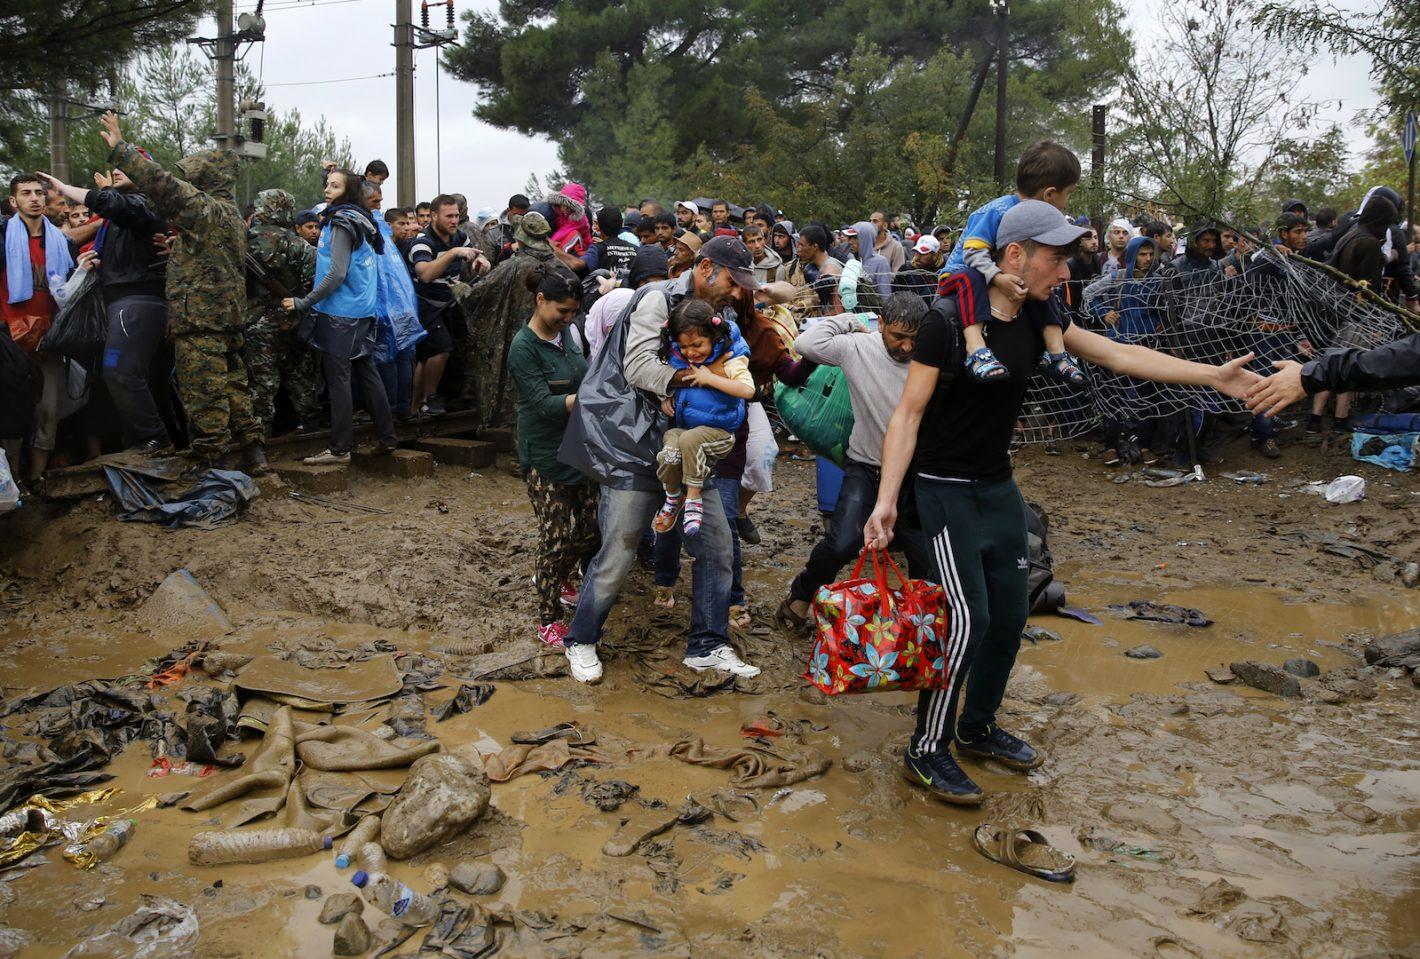 Des réfugiés syriens marchent à travers la boue pour traverser la frontière gréco-macédonienne / village d'Idomeni - 10 septembre 2015 - REUTERS/Yannis Behrakis